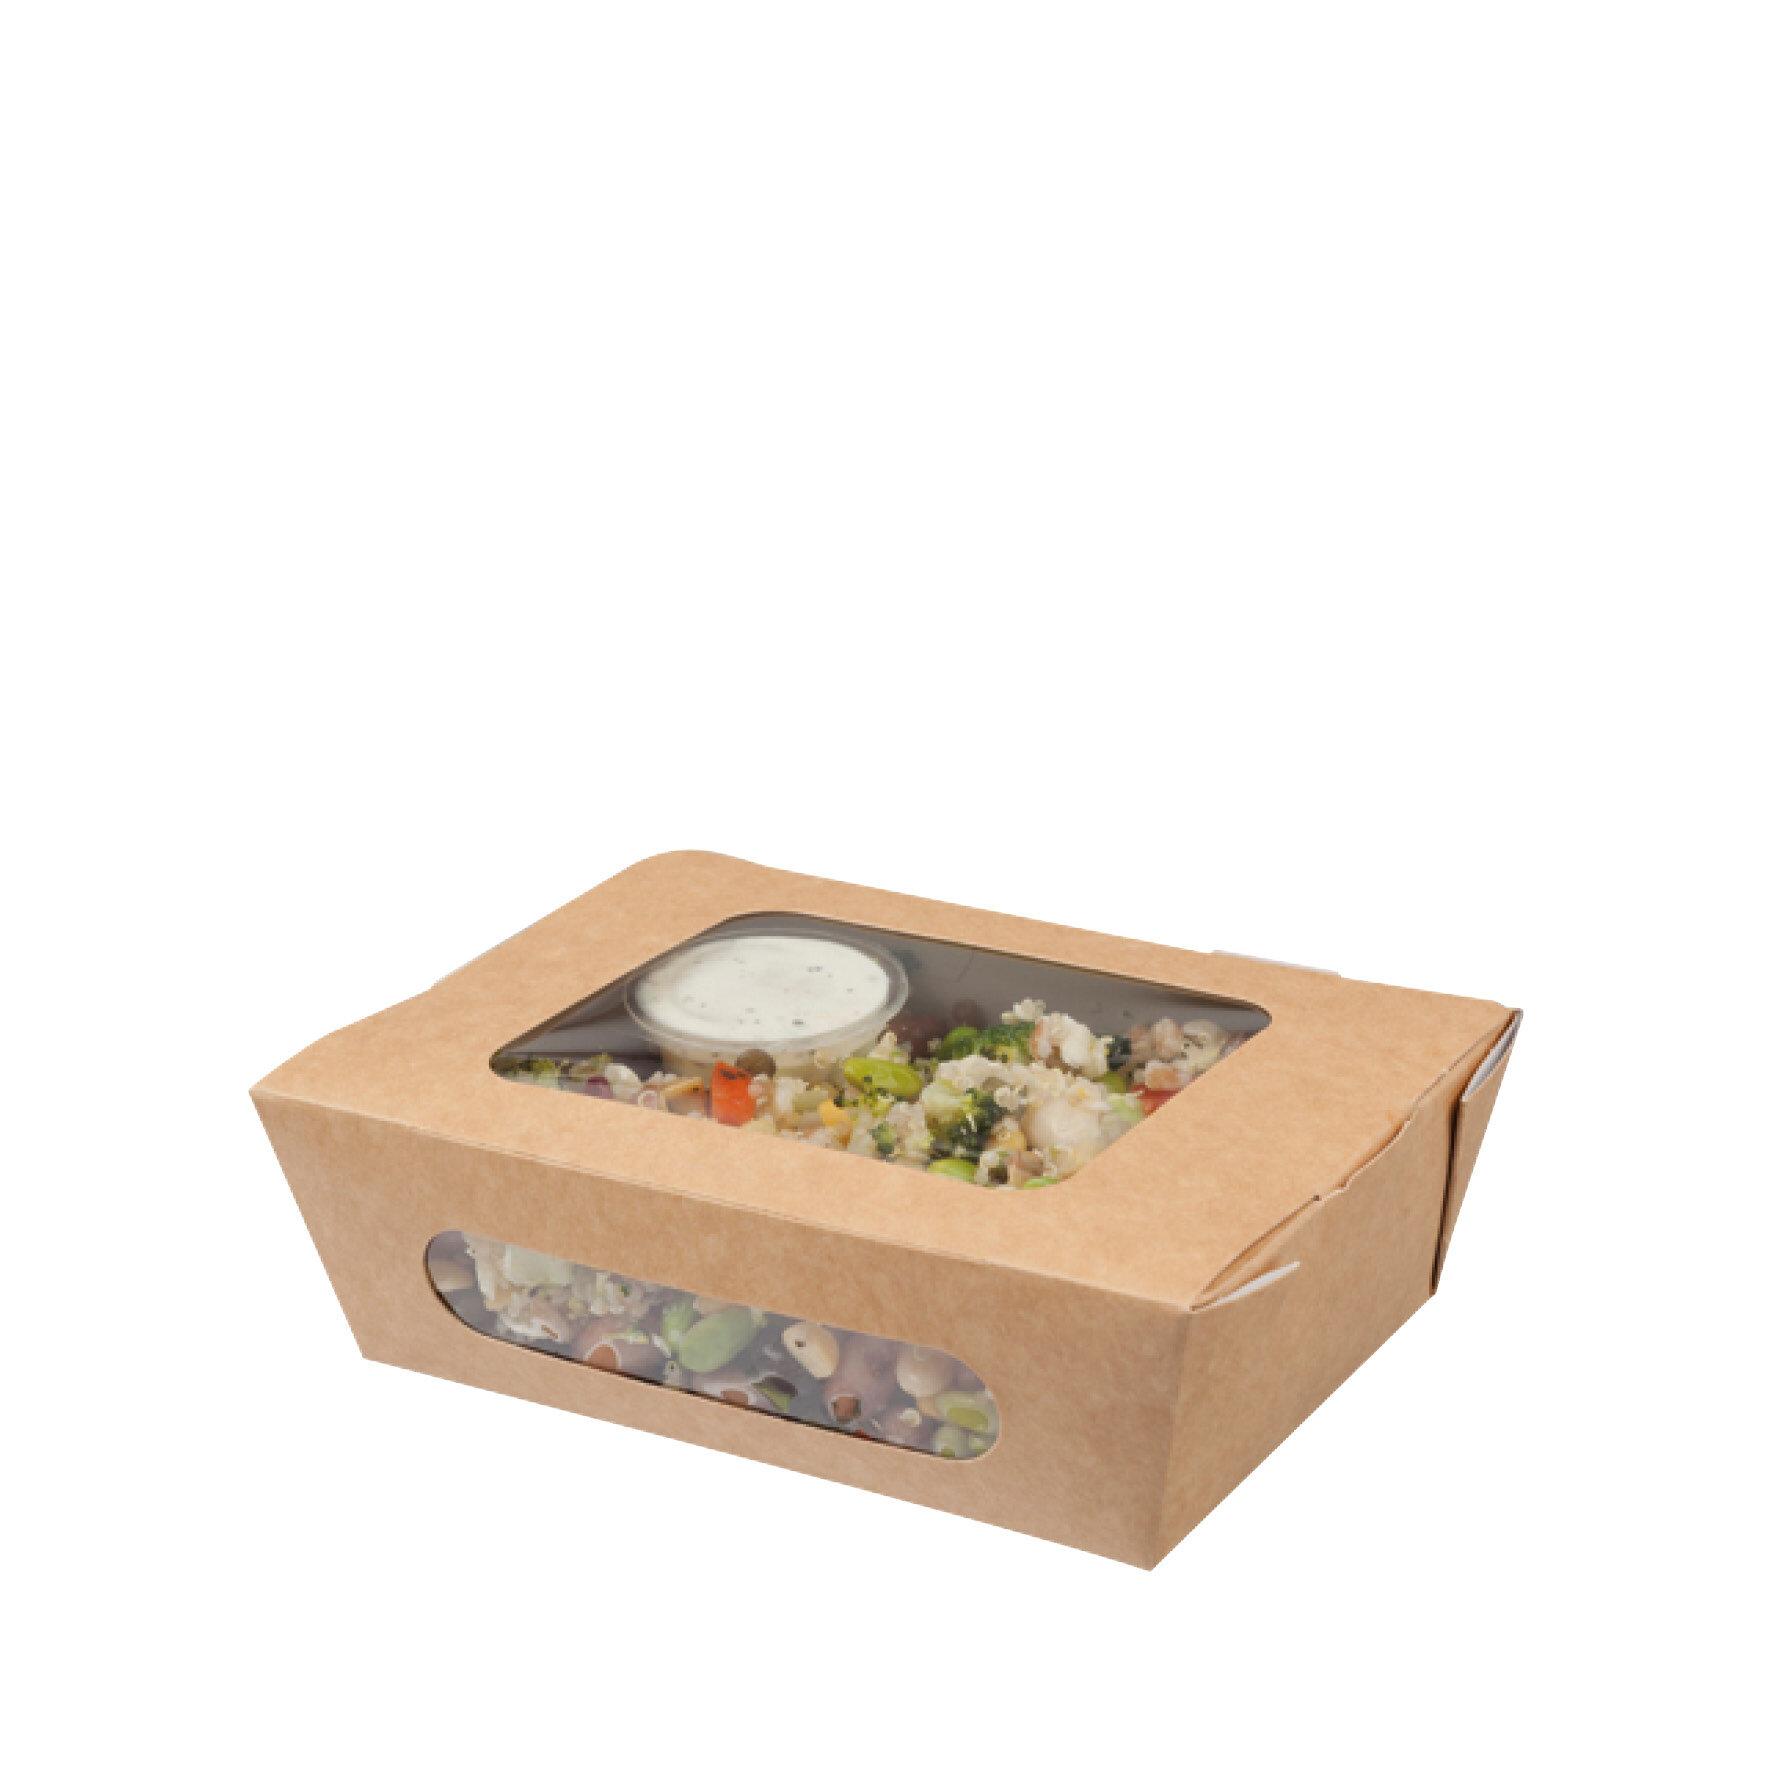 WEBAbox  Salat Box  mit Zellglas-Sichtfenstern    Monomaterial (Holz), kompostierbar